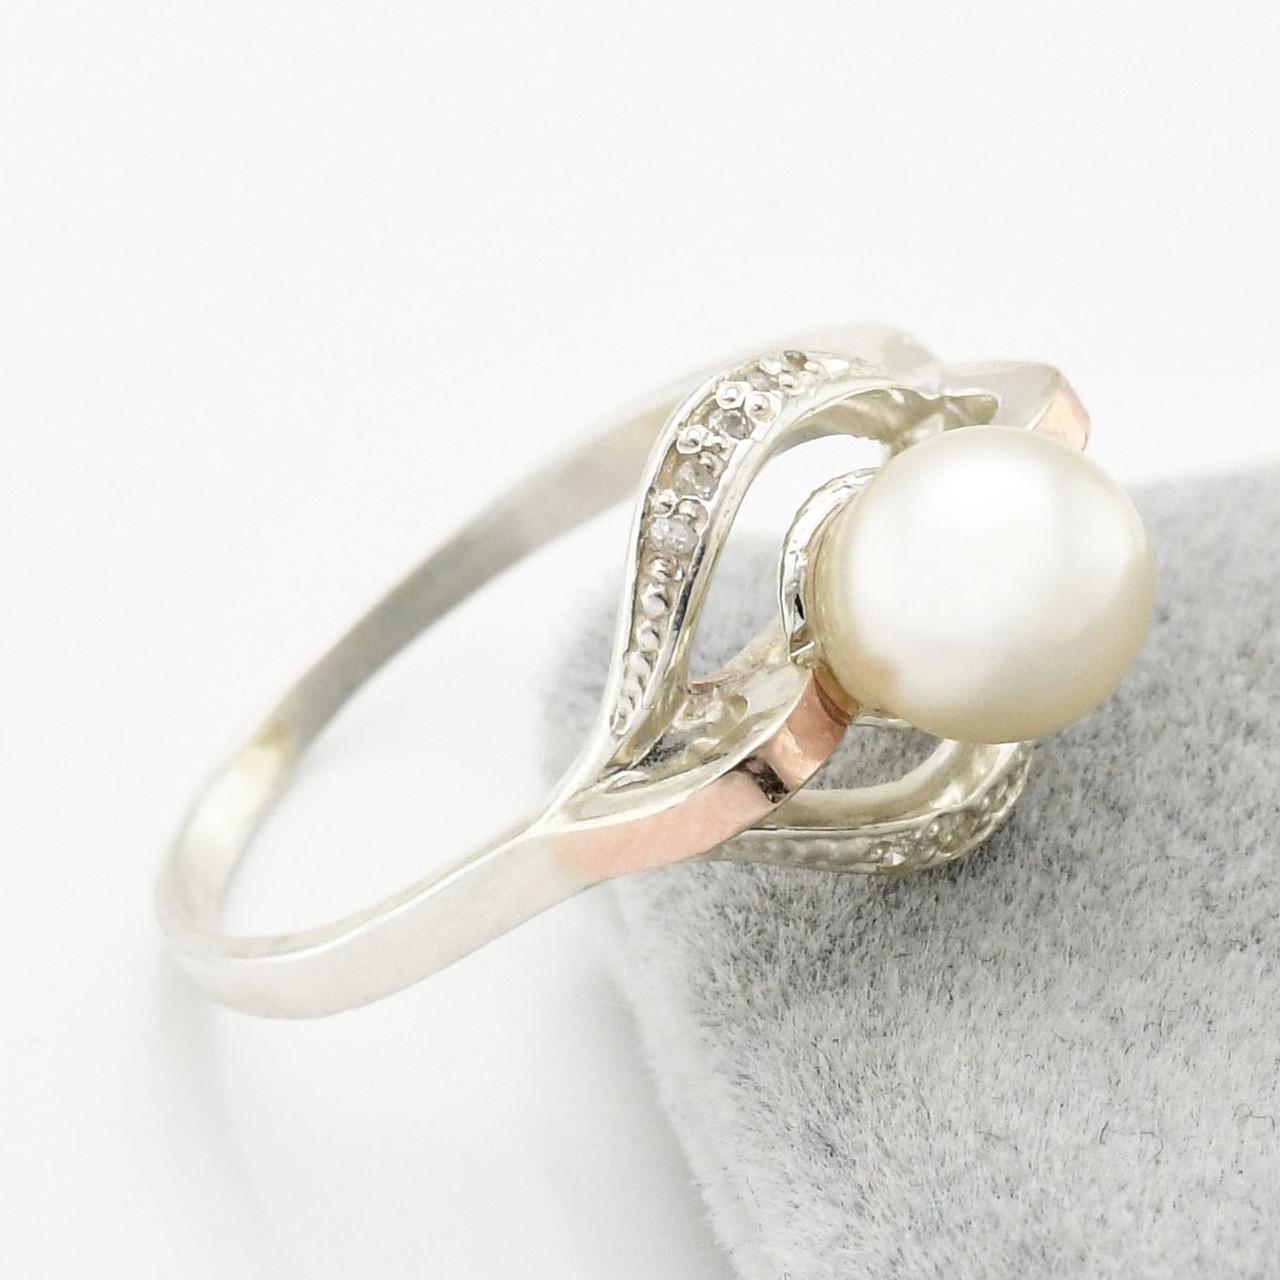 """Серебряное кольцо с золотыми пластинами """"Улыбка"""", вставка искусственный жемчуг, вес 2.54 г, размер 16.5"""